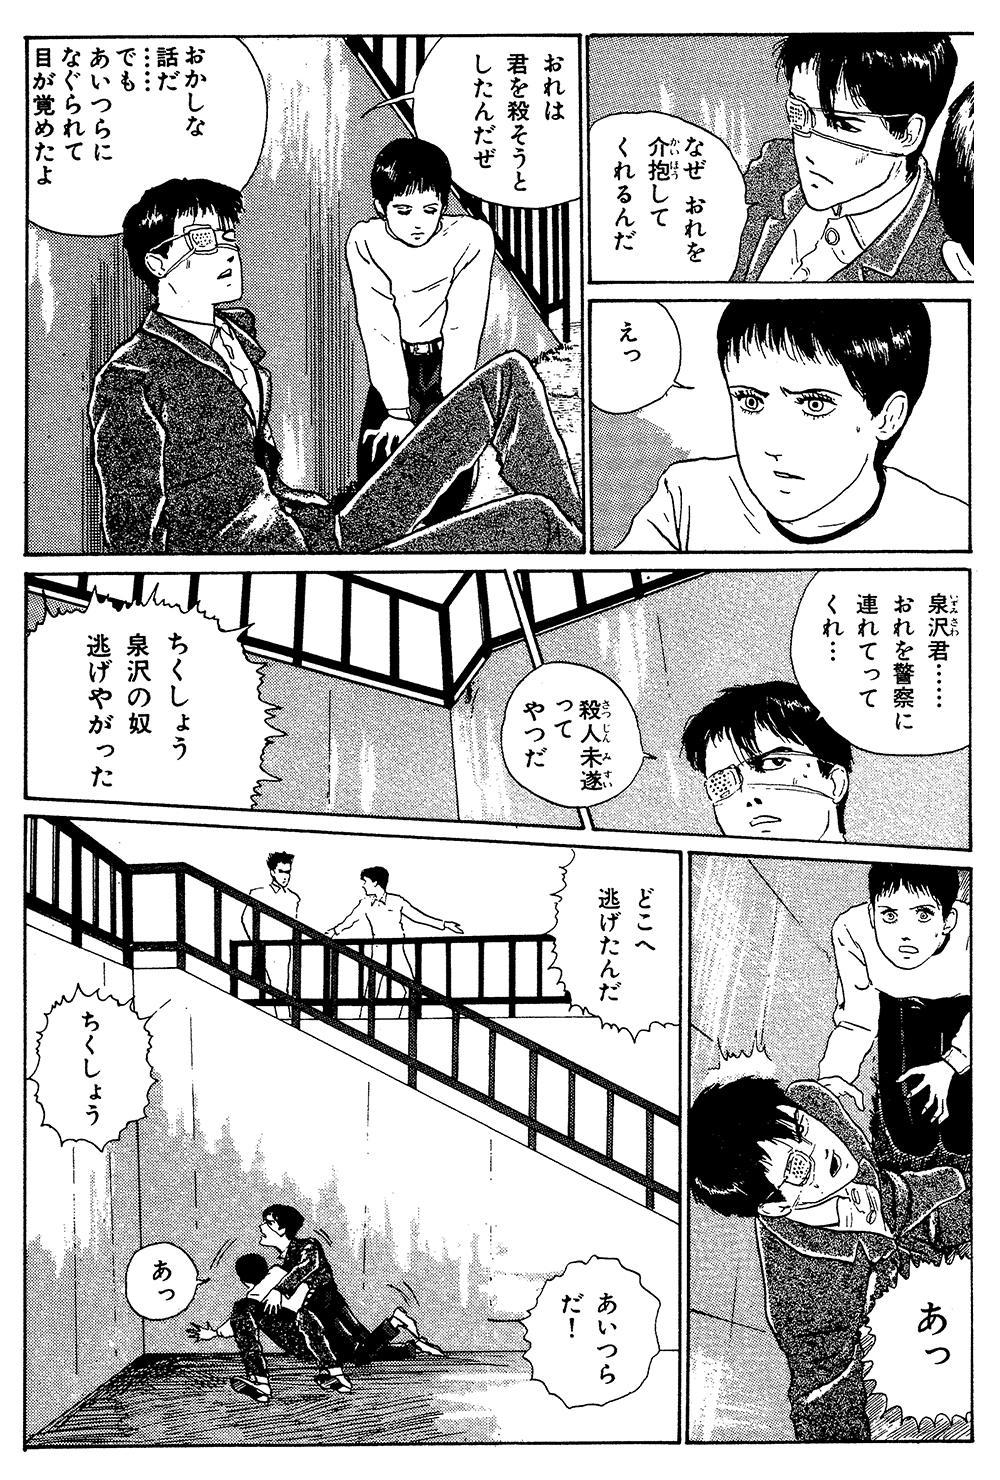 伊藤潤二傑作集 第5話「富江 接吻」①junji15-10.jpg